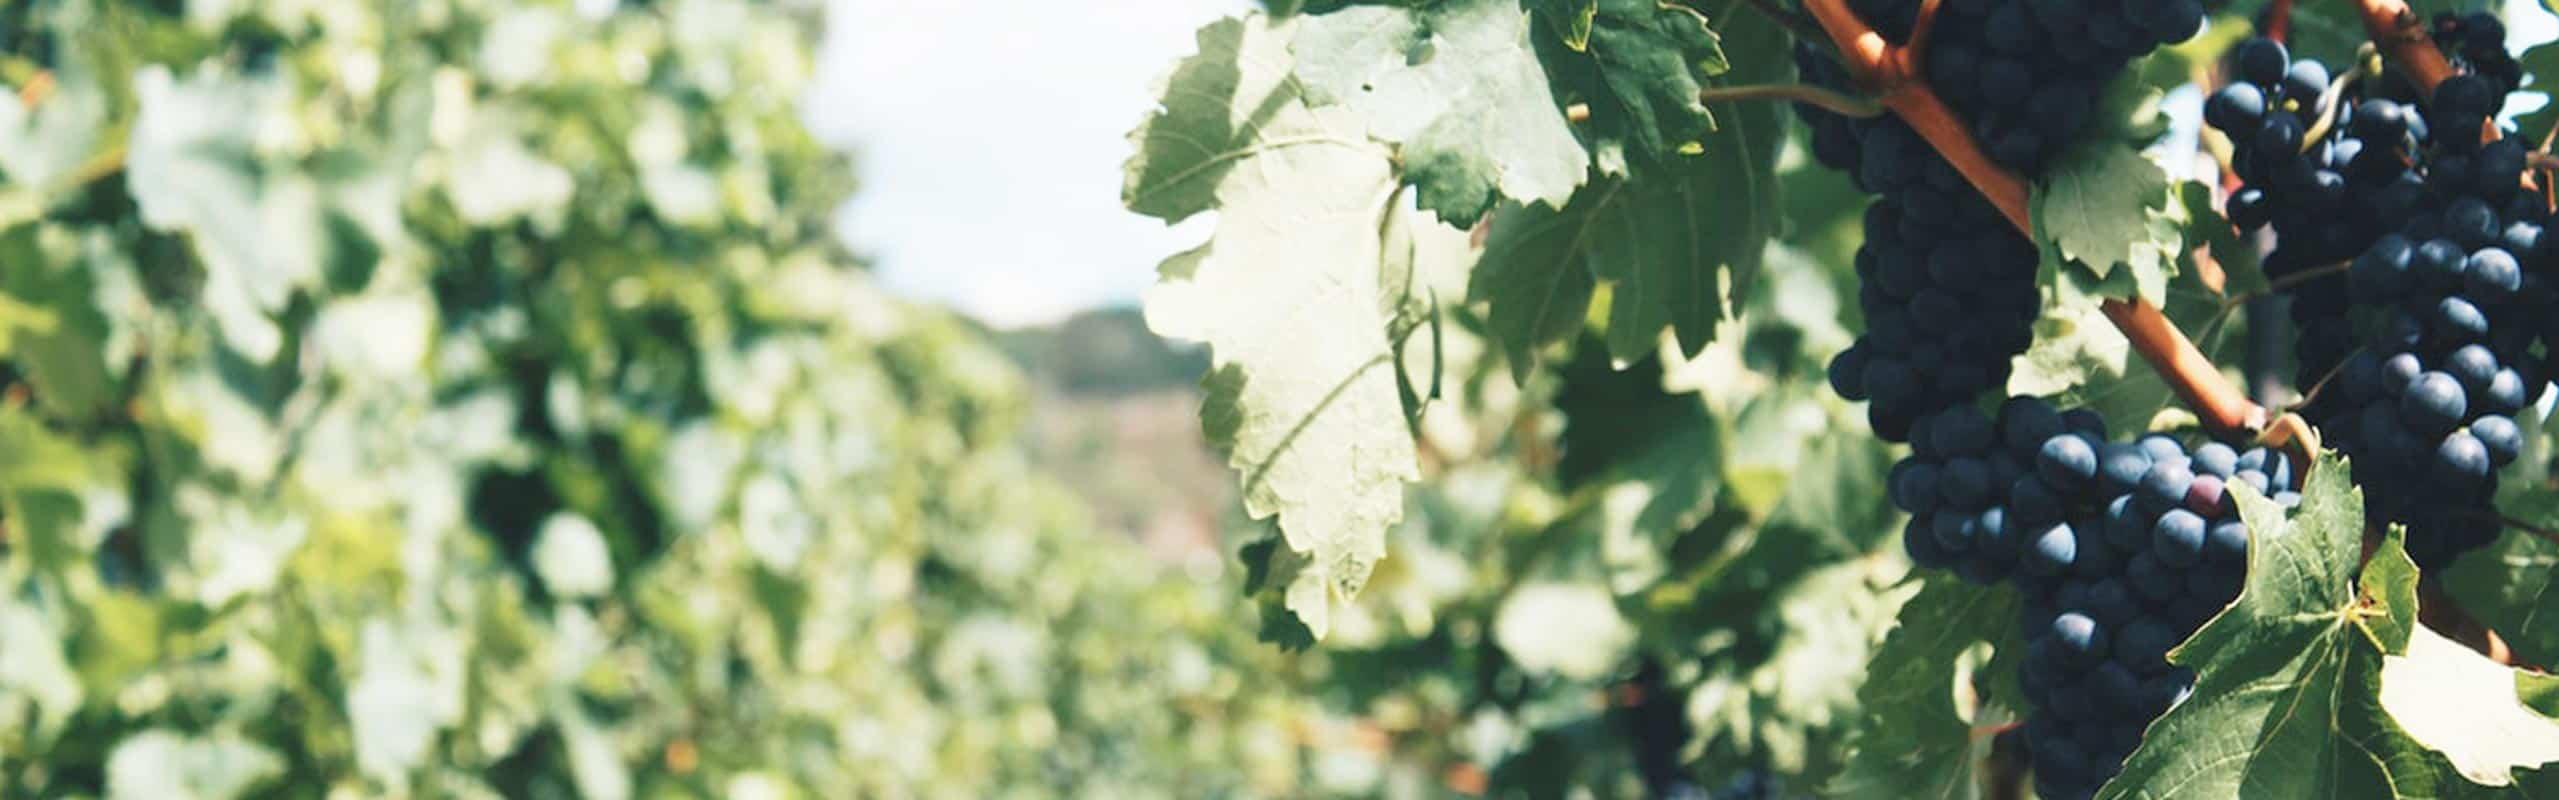 Descubre los viñedos y la importancia de su calidad en el vino